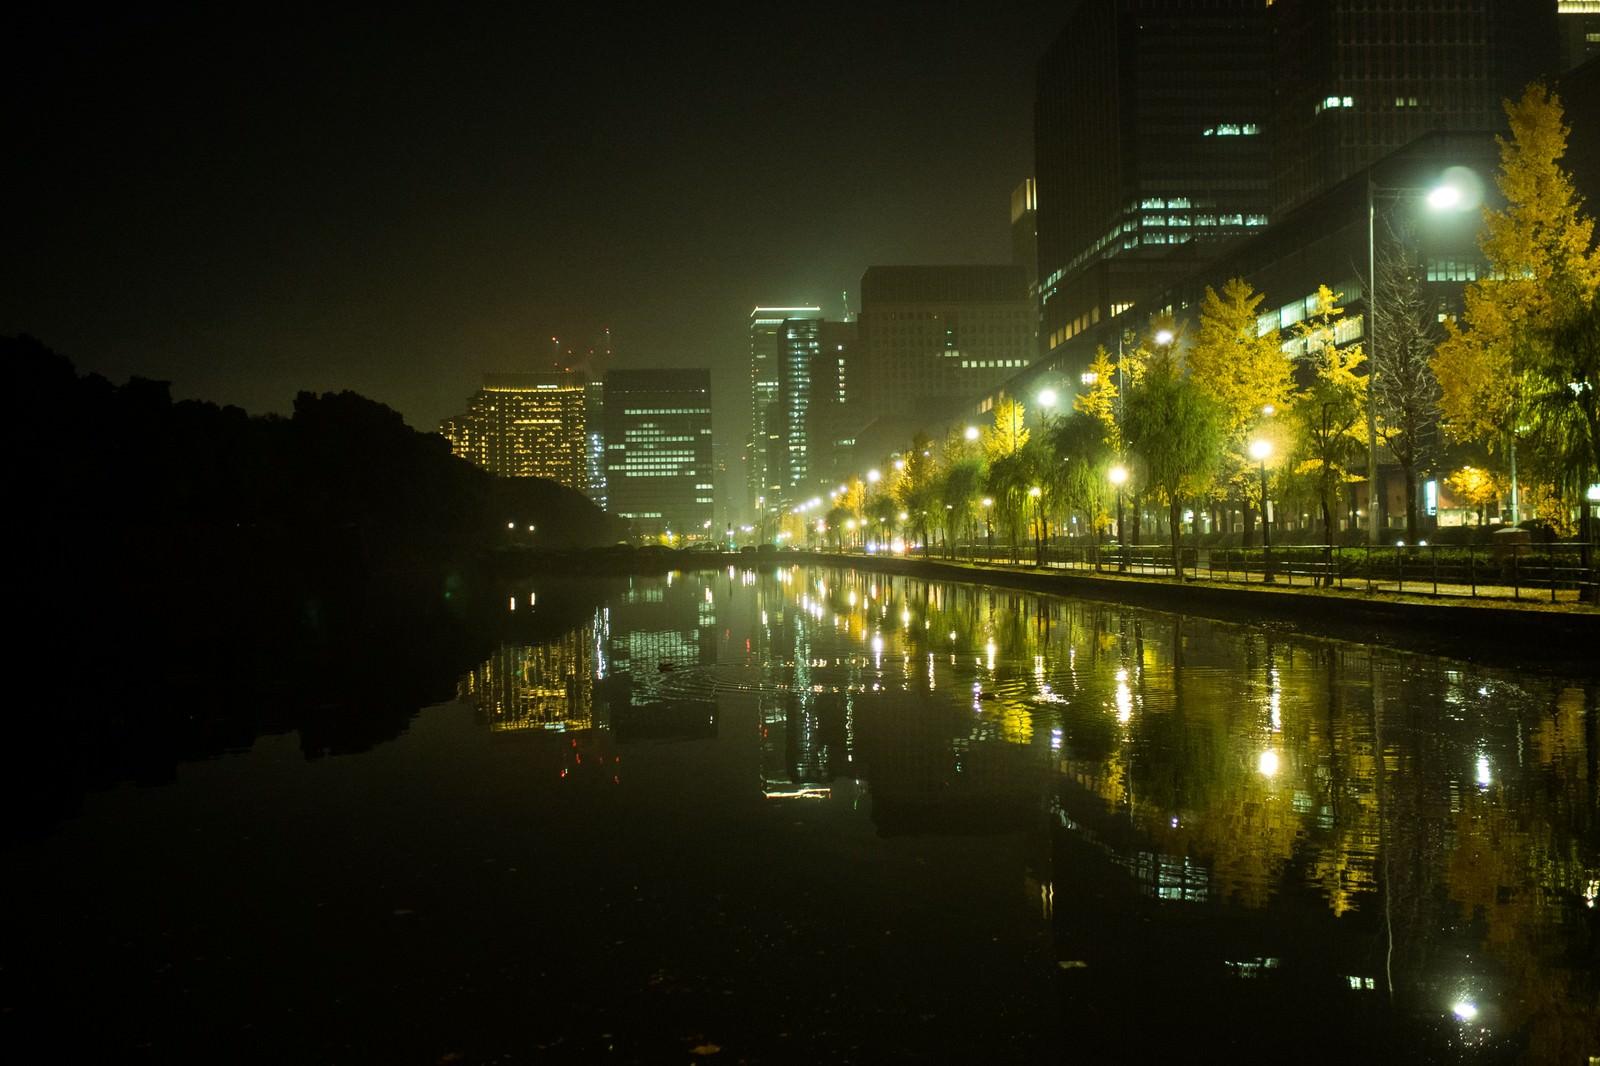 「皇居の外濠に映り込むビル群の夜景」の写真